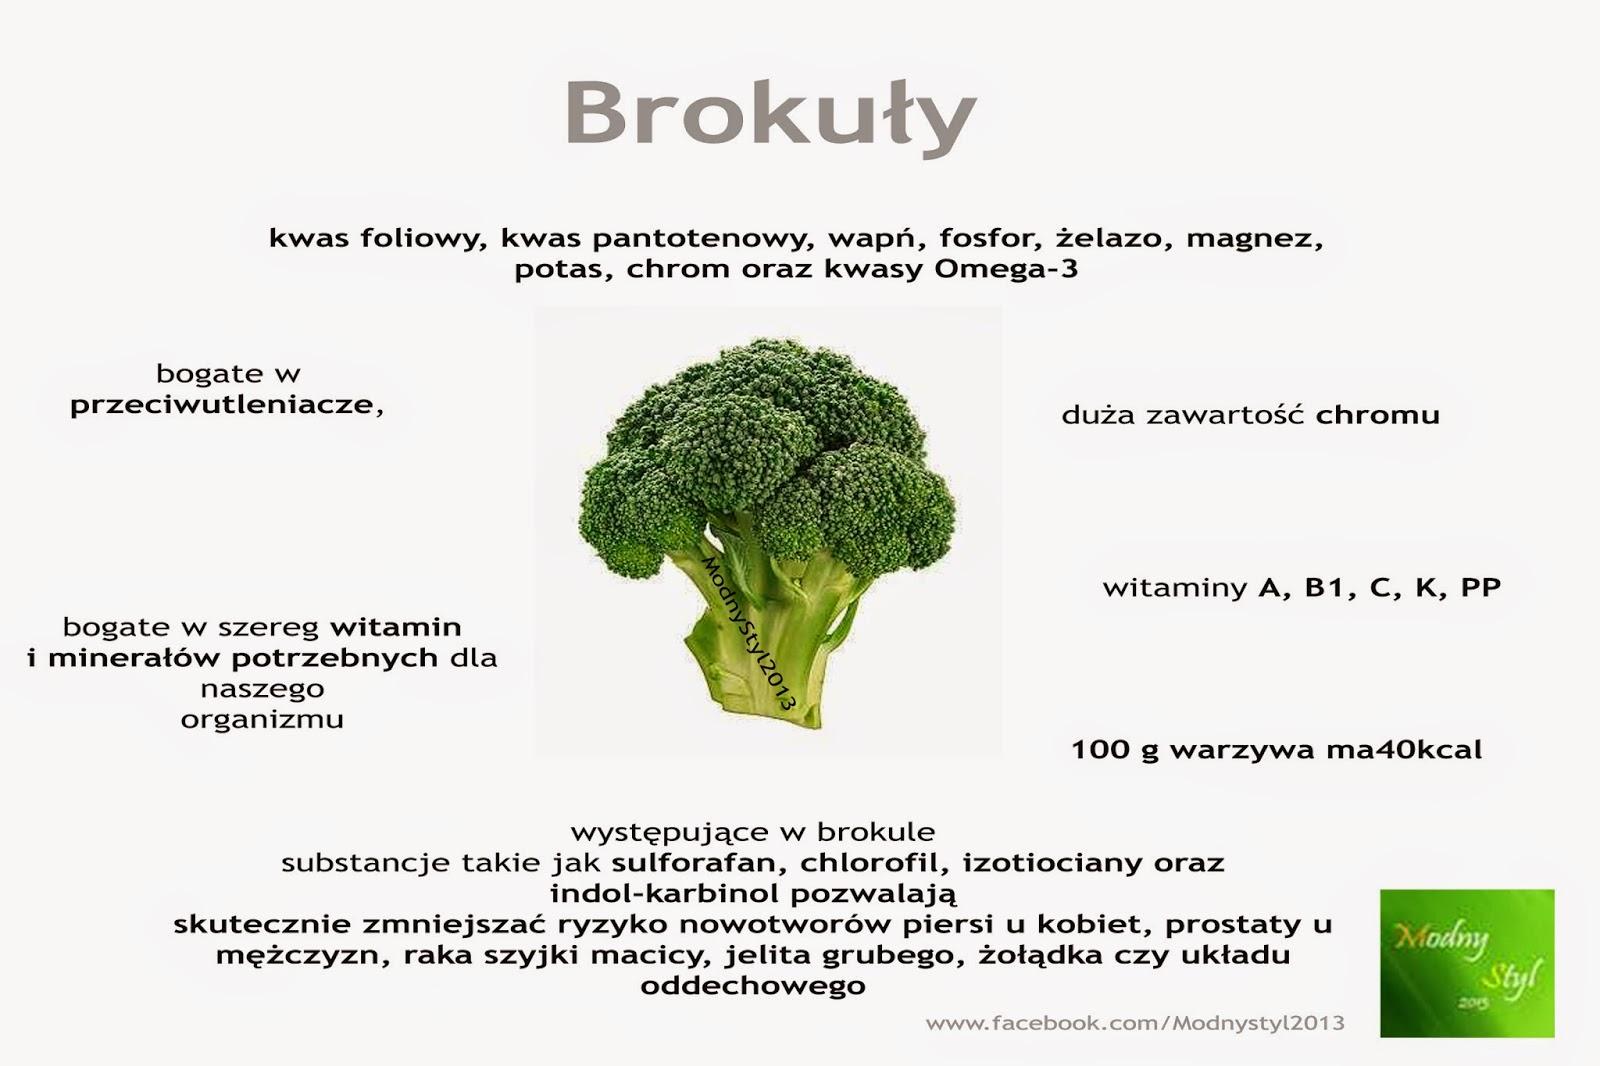 Brokuły dla zdrowia